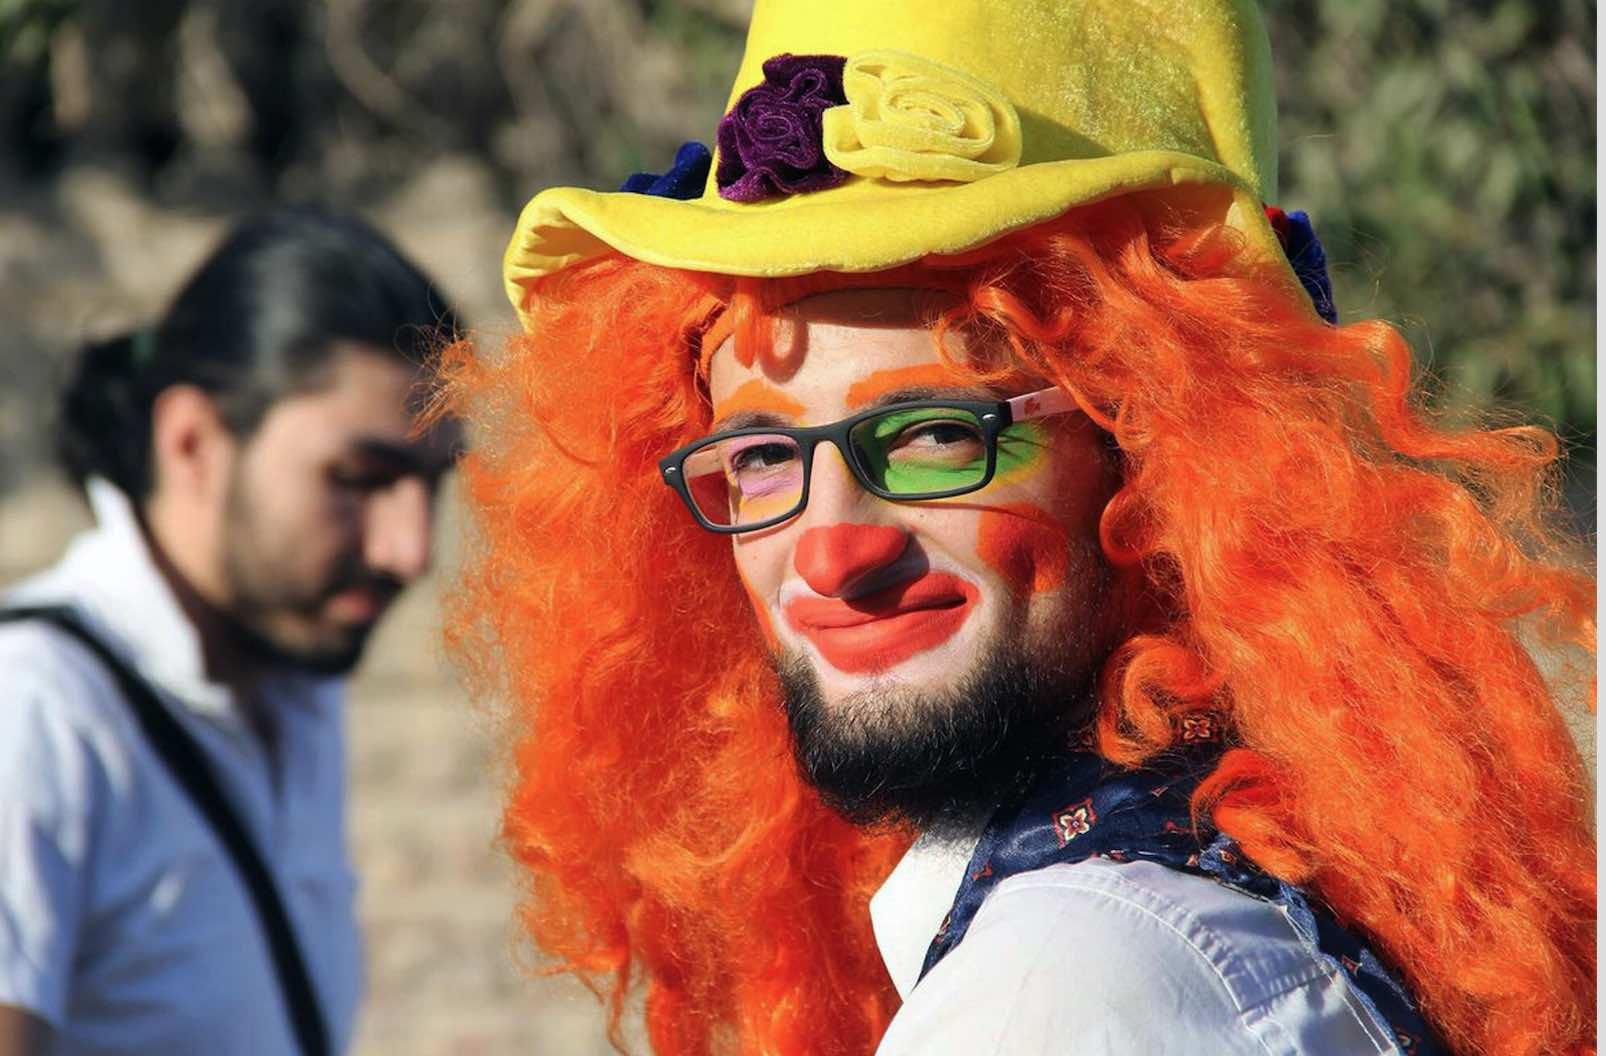 Anas al-Basha: Clown of Aleppo 'killed in Syrian or Russian air strike'